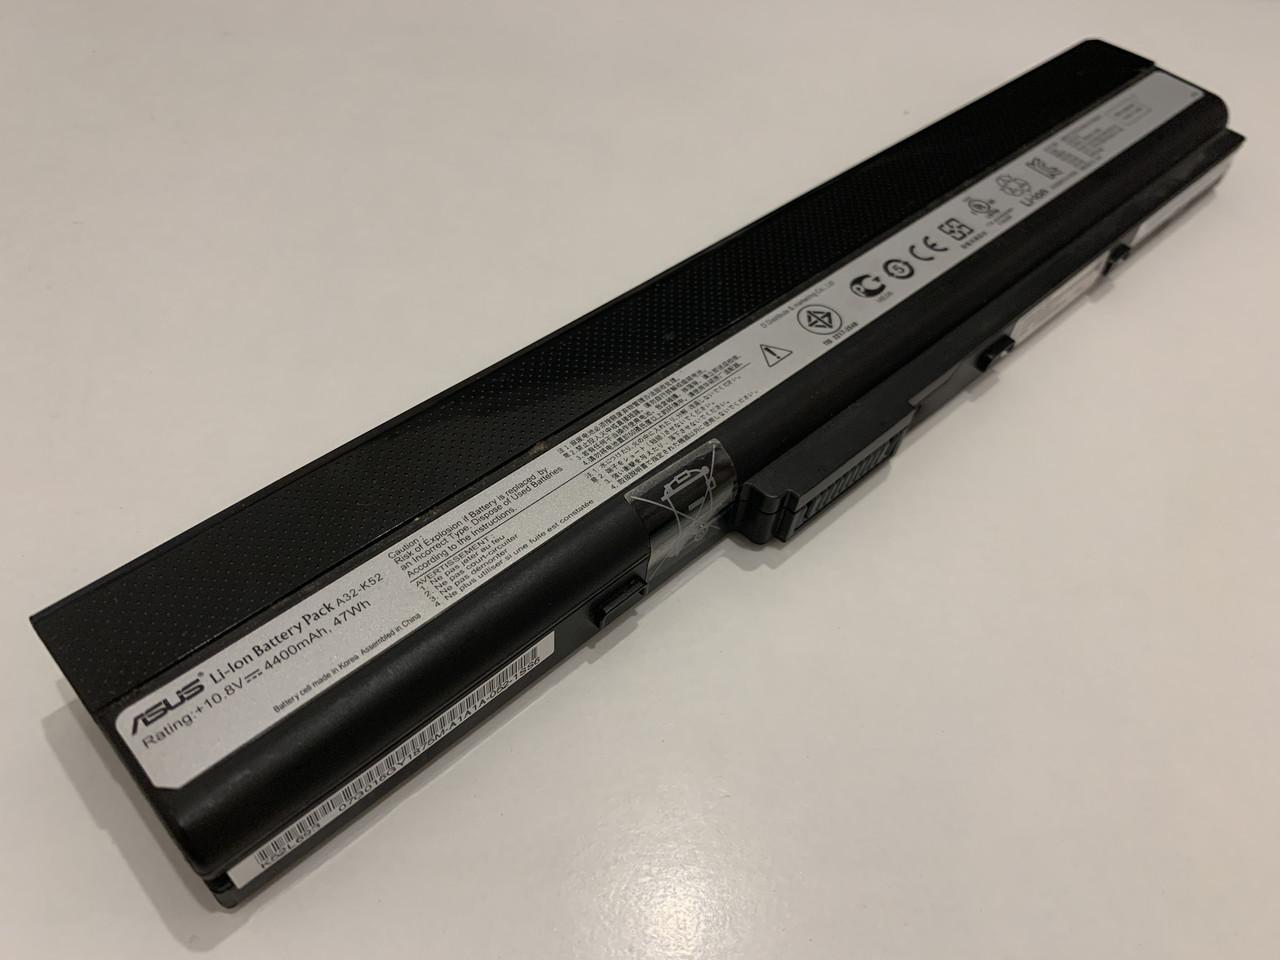 Запчасти для ноутбука Asus K52D - Оригинальный аккумулятор / батарея A42-K52L693